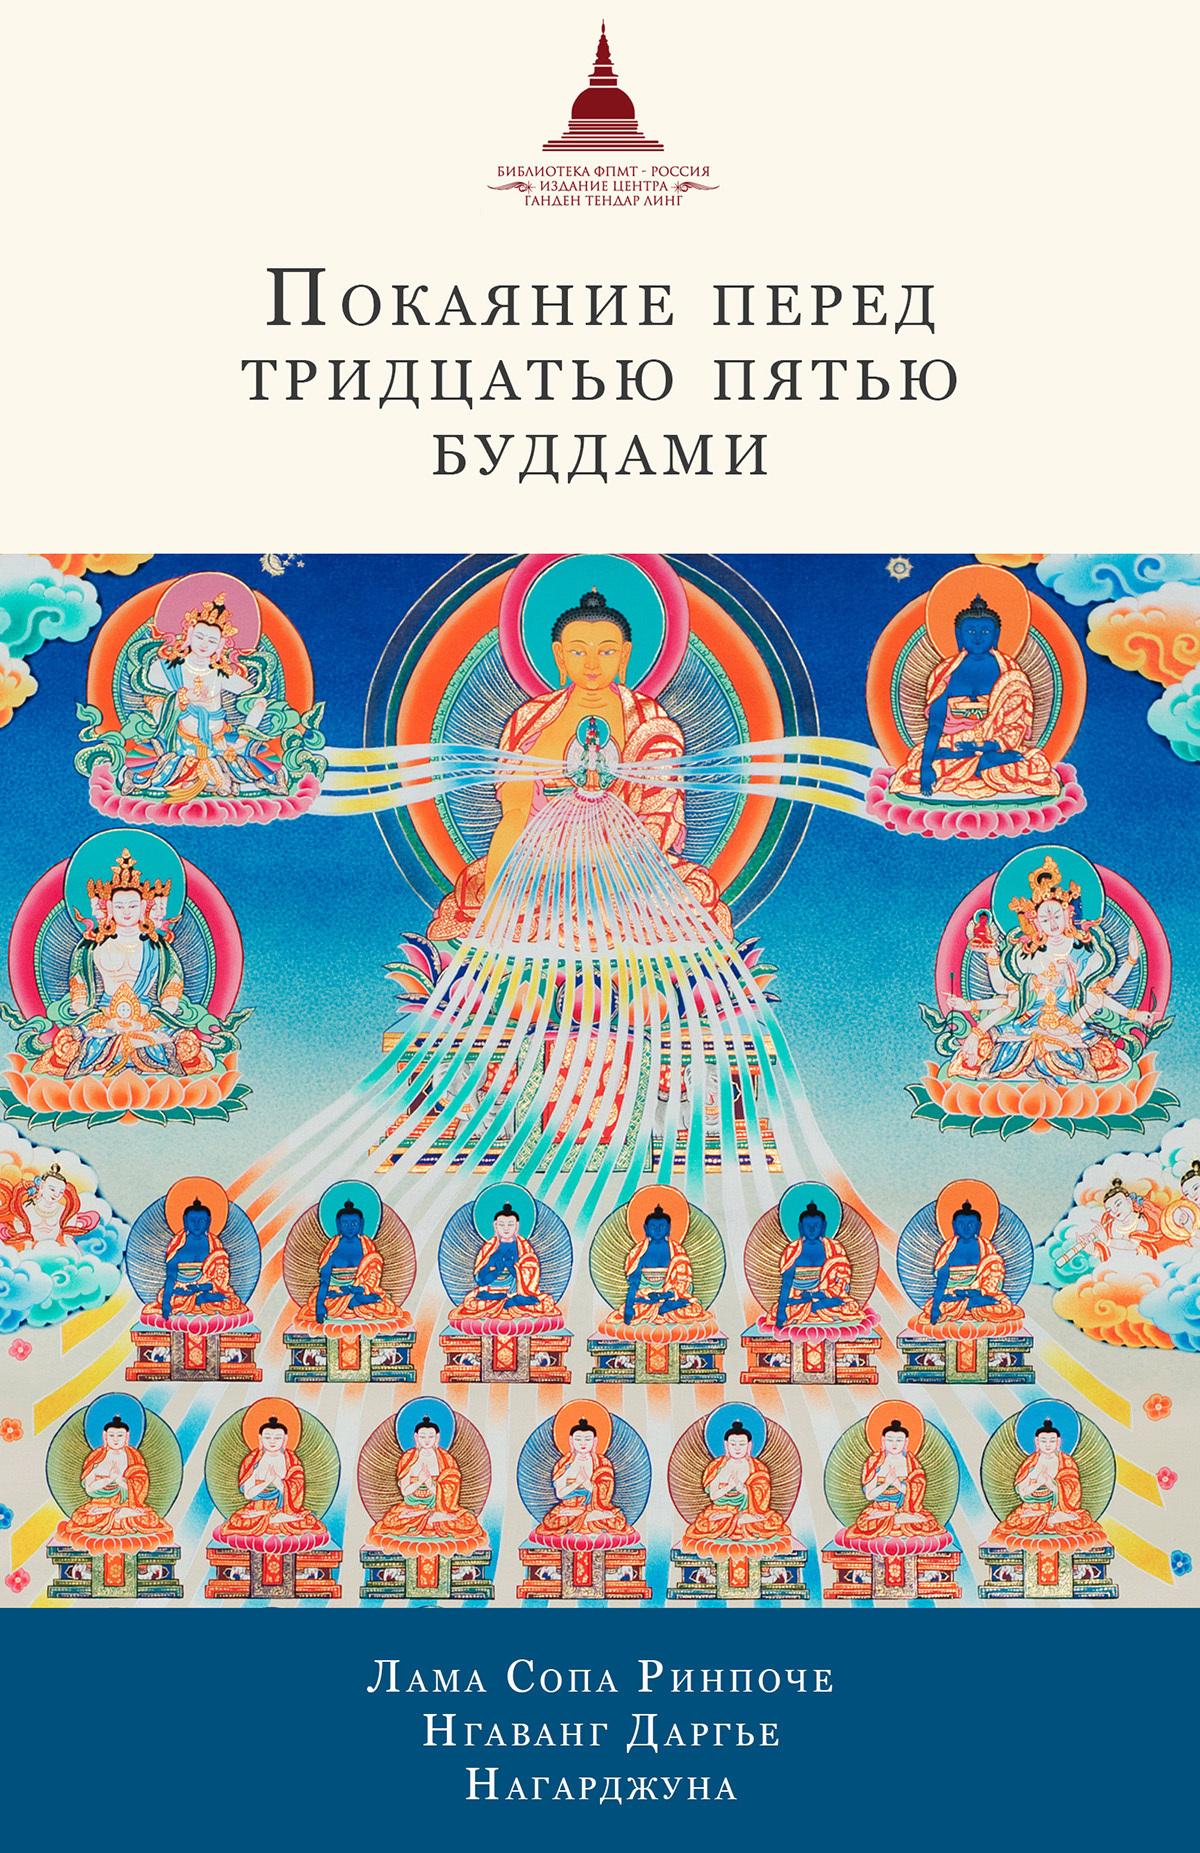 лама Сопа Ринпоче Покаяние перед Тридцатью пятью буддами (сборник) йонге мингьюр ринпоче радостная мудрость принятие перемен и обретение свободы